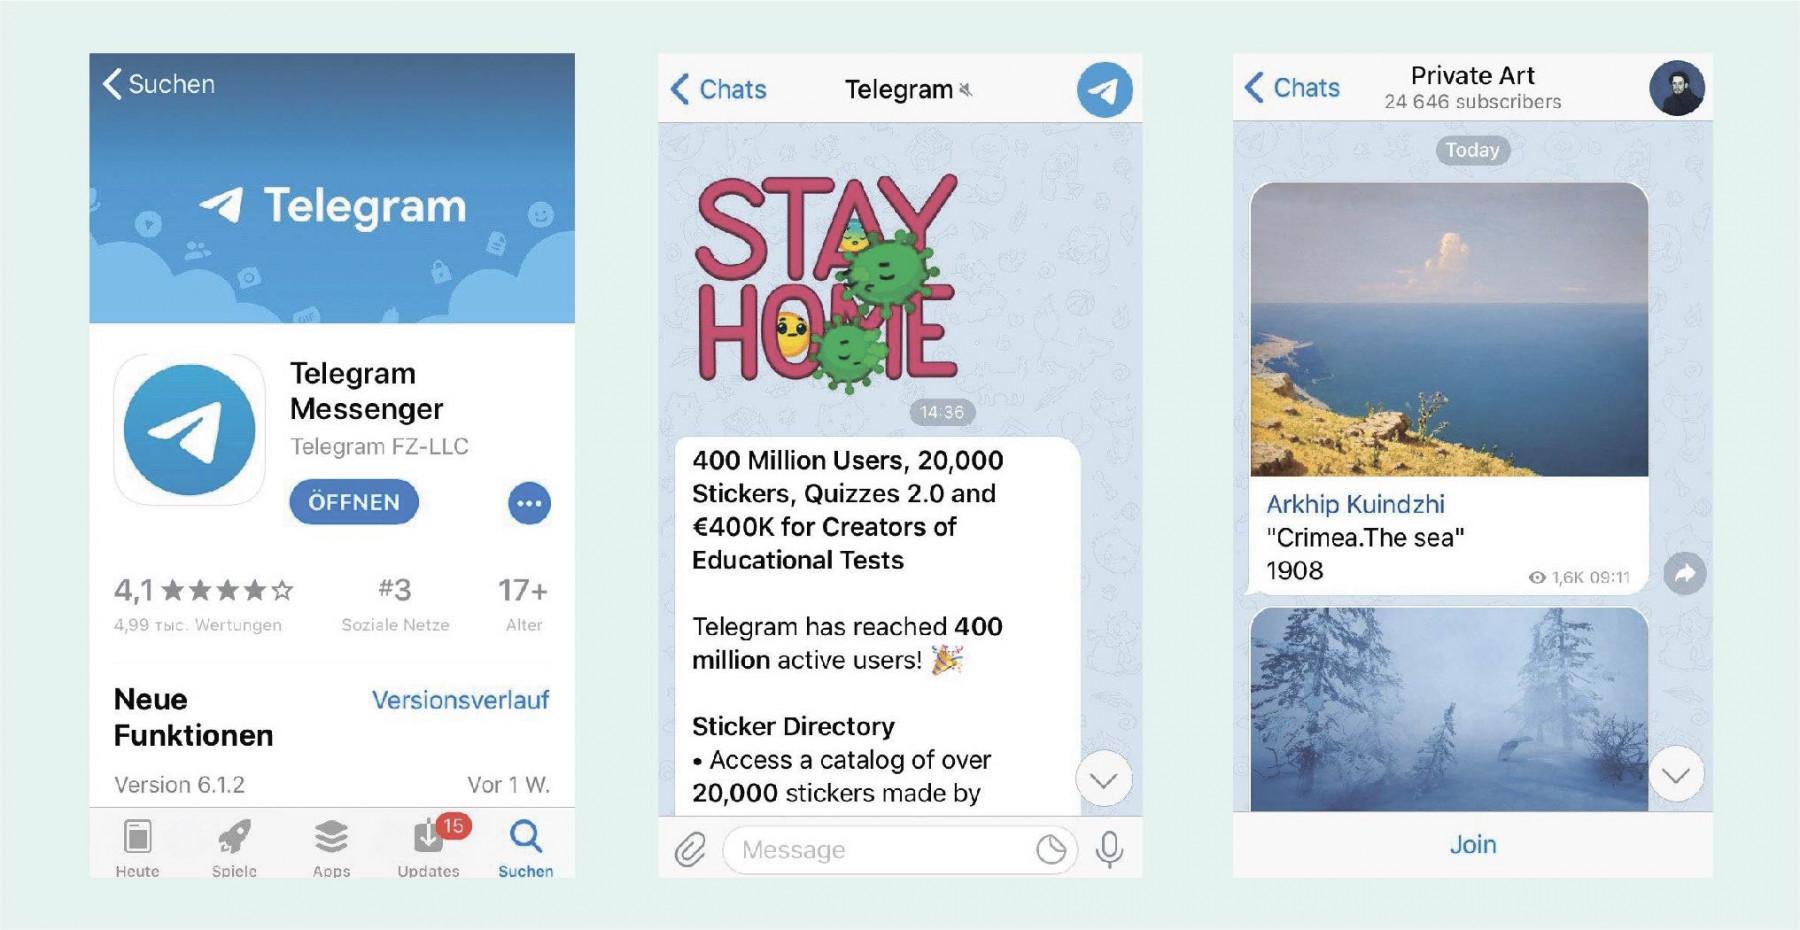 Abbildung des Messengers Telegram russische Social-Media-Kanäle